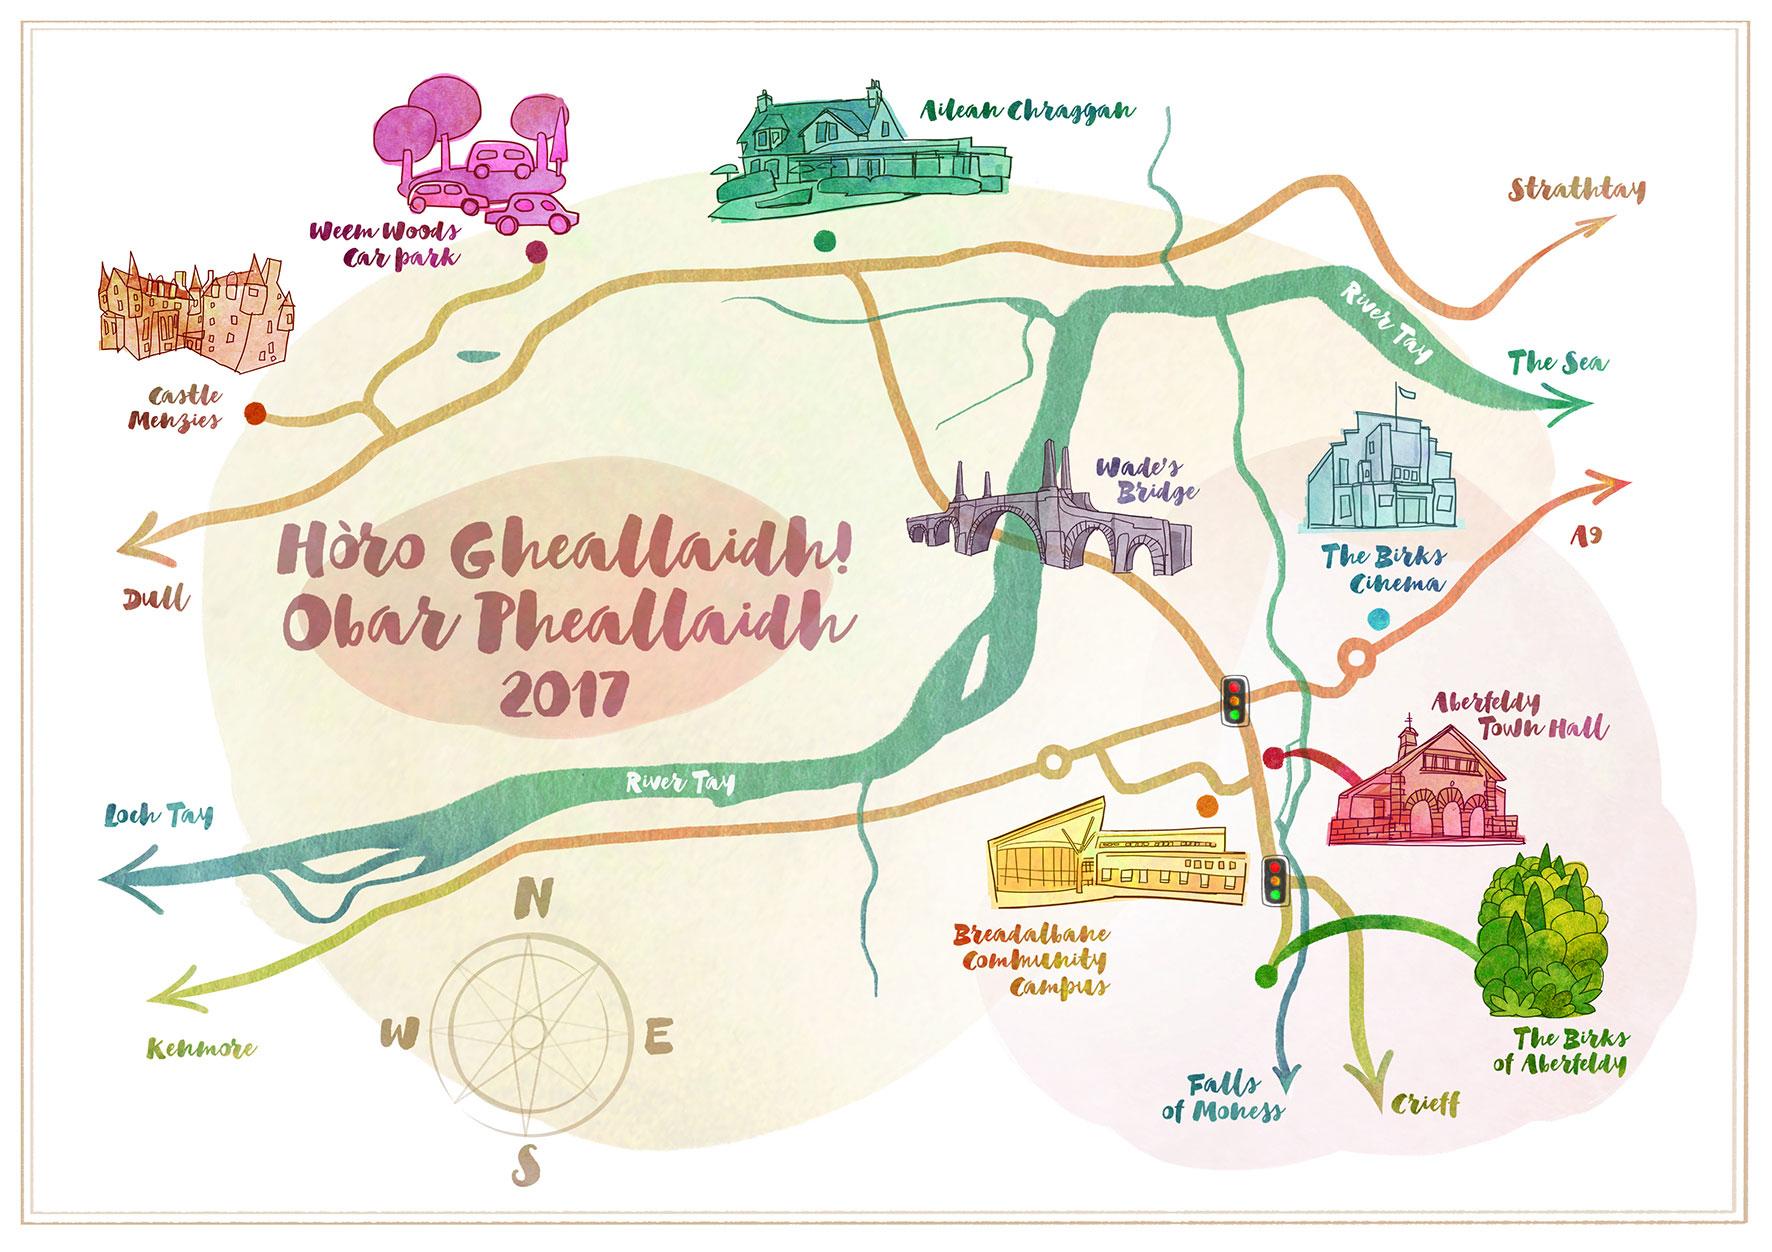 Horo Gheallaidh Map